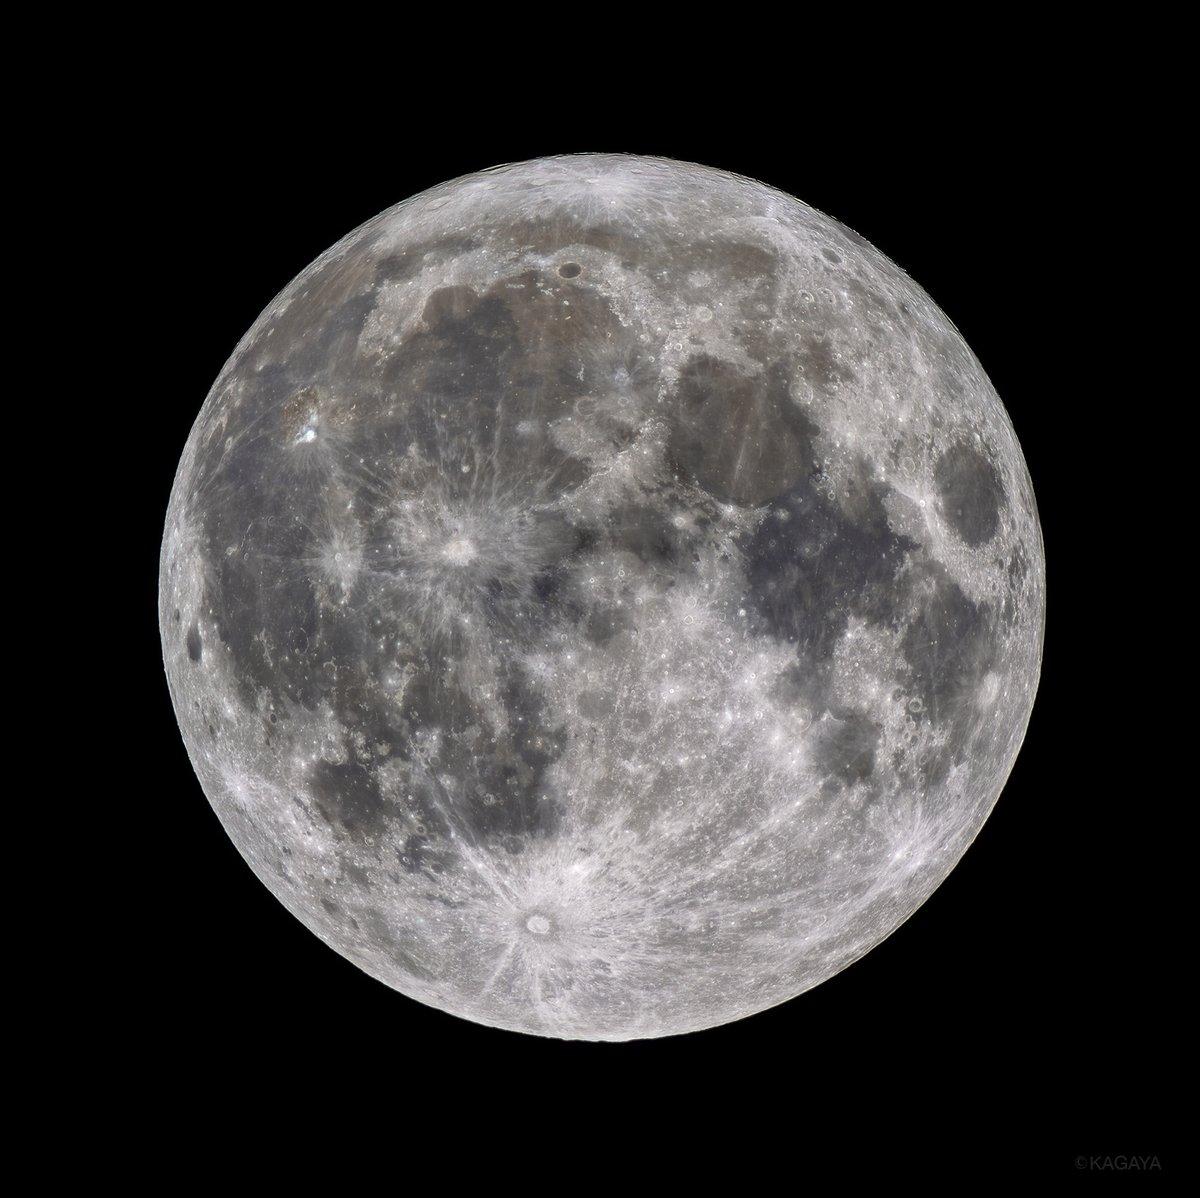 あまりにきれいだったので今夜の満月をもう一度撮影しました。